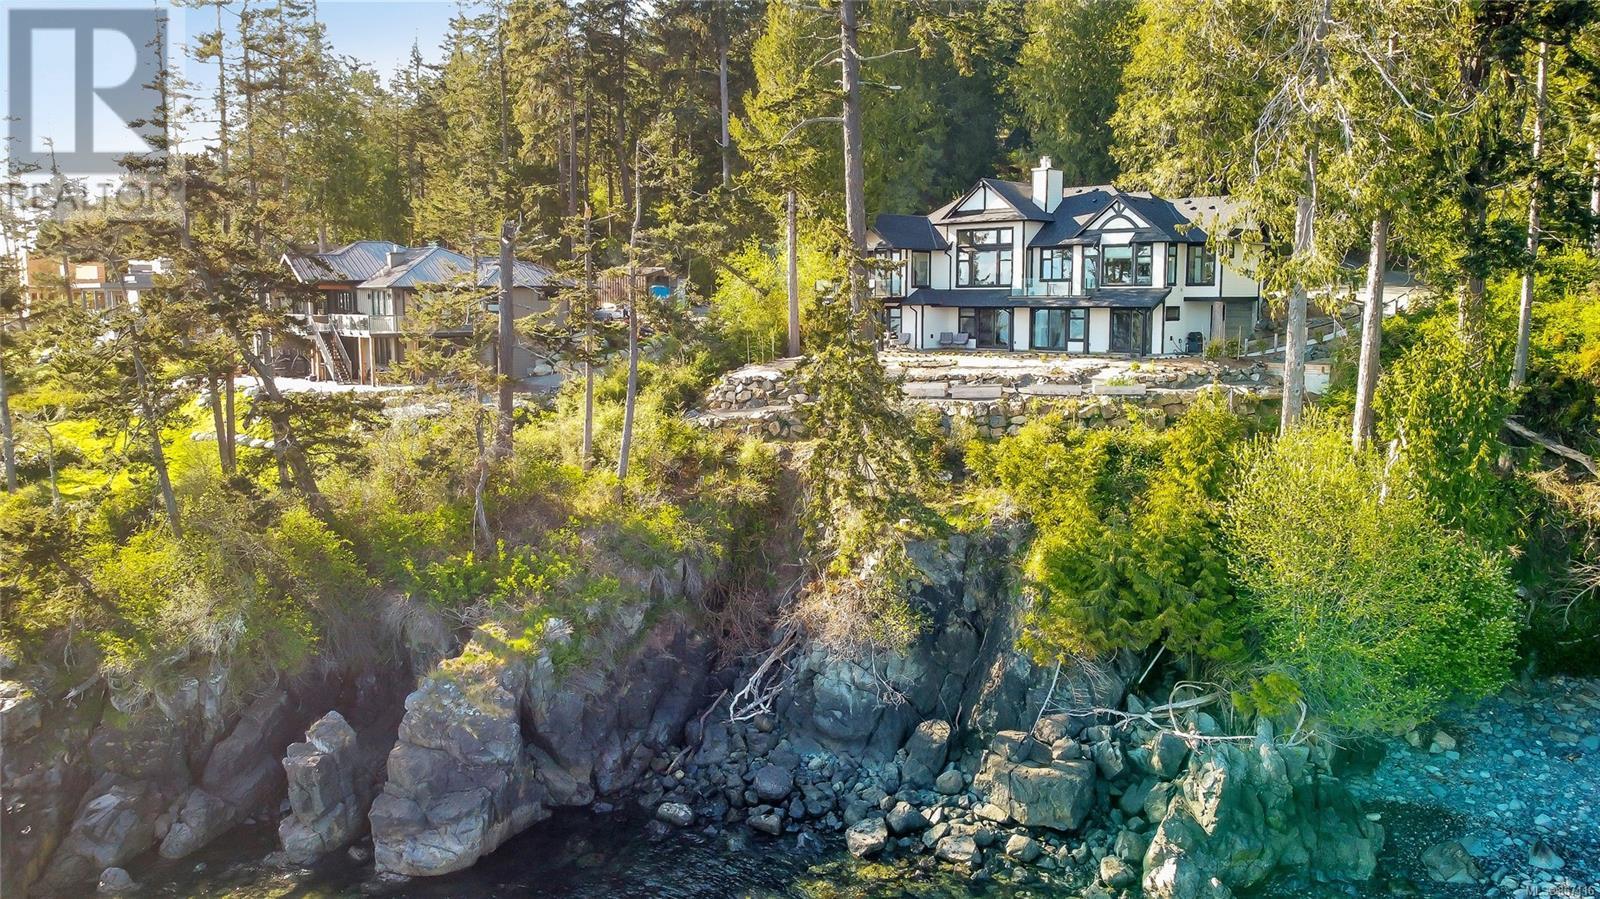 2476 Lighthouse PtSooke, British Columbia  V9Z 1G7 - Photo 1 - 867116